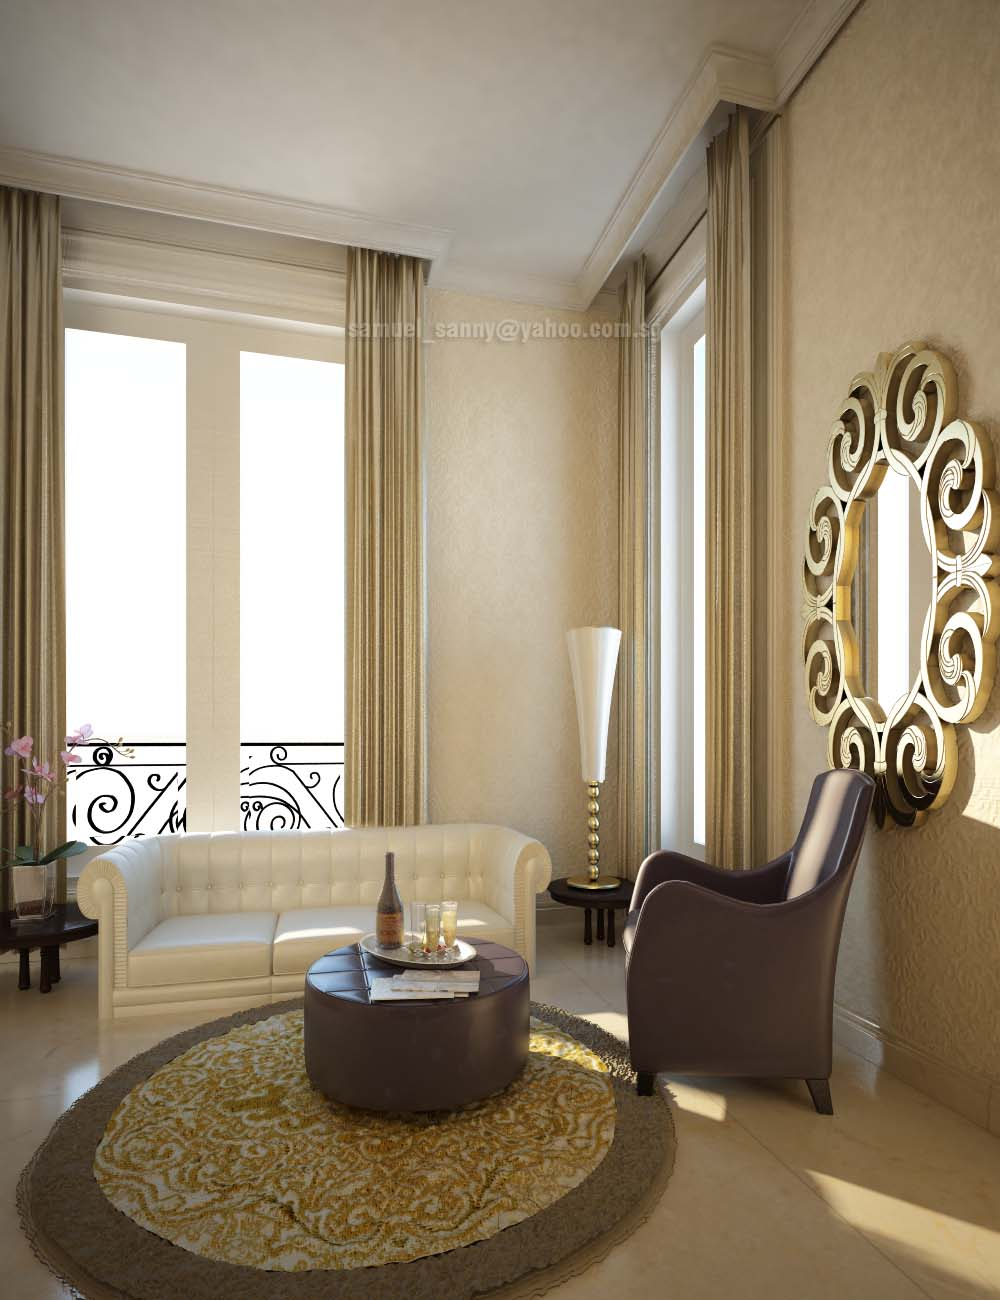 Classic House Design Interior: Classic Interior Design